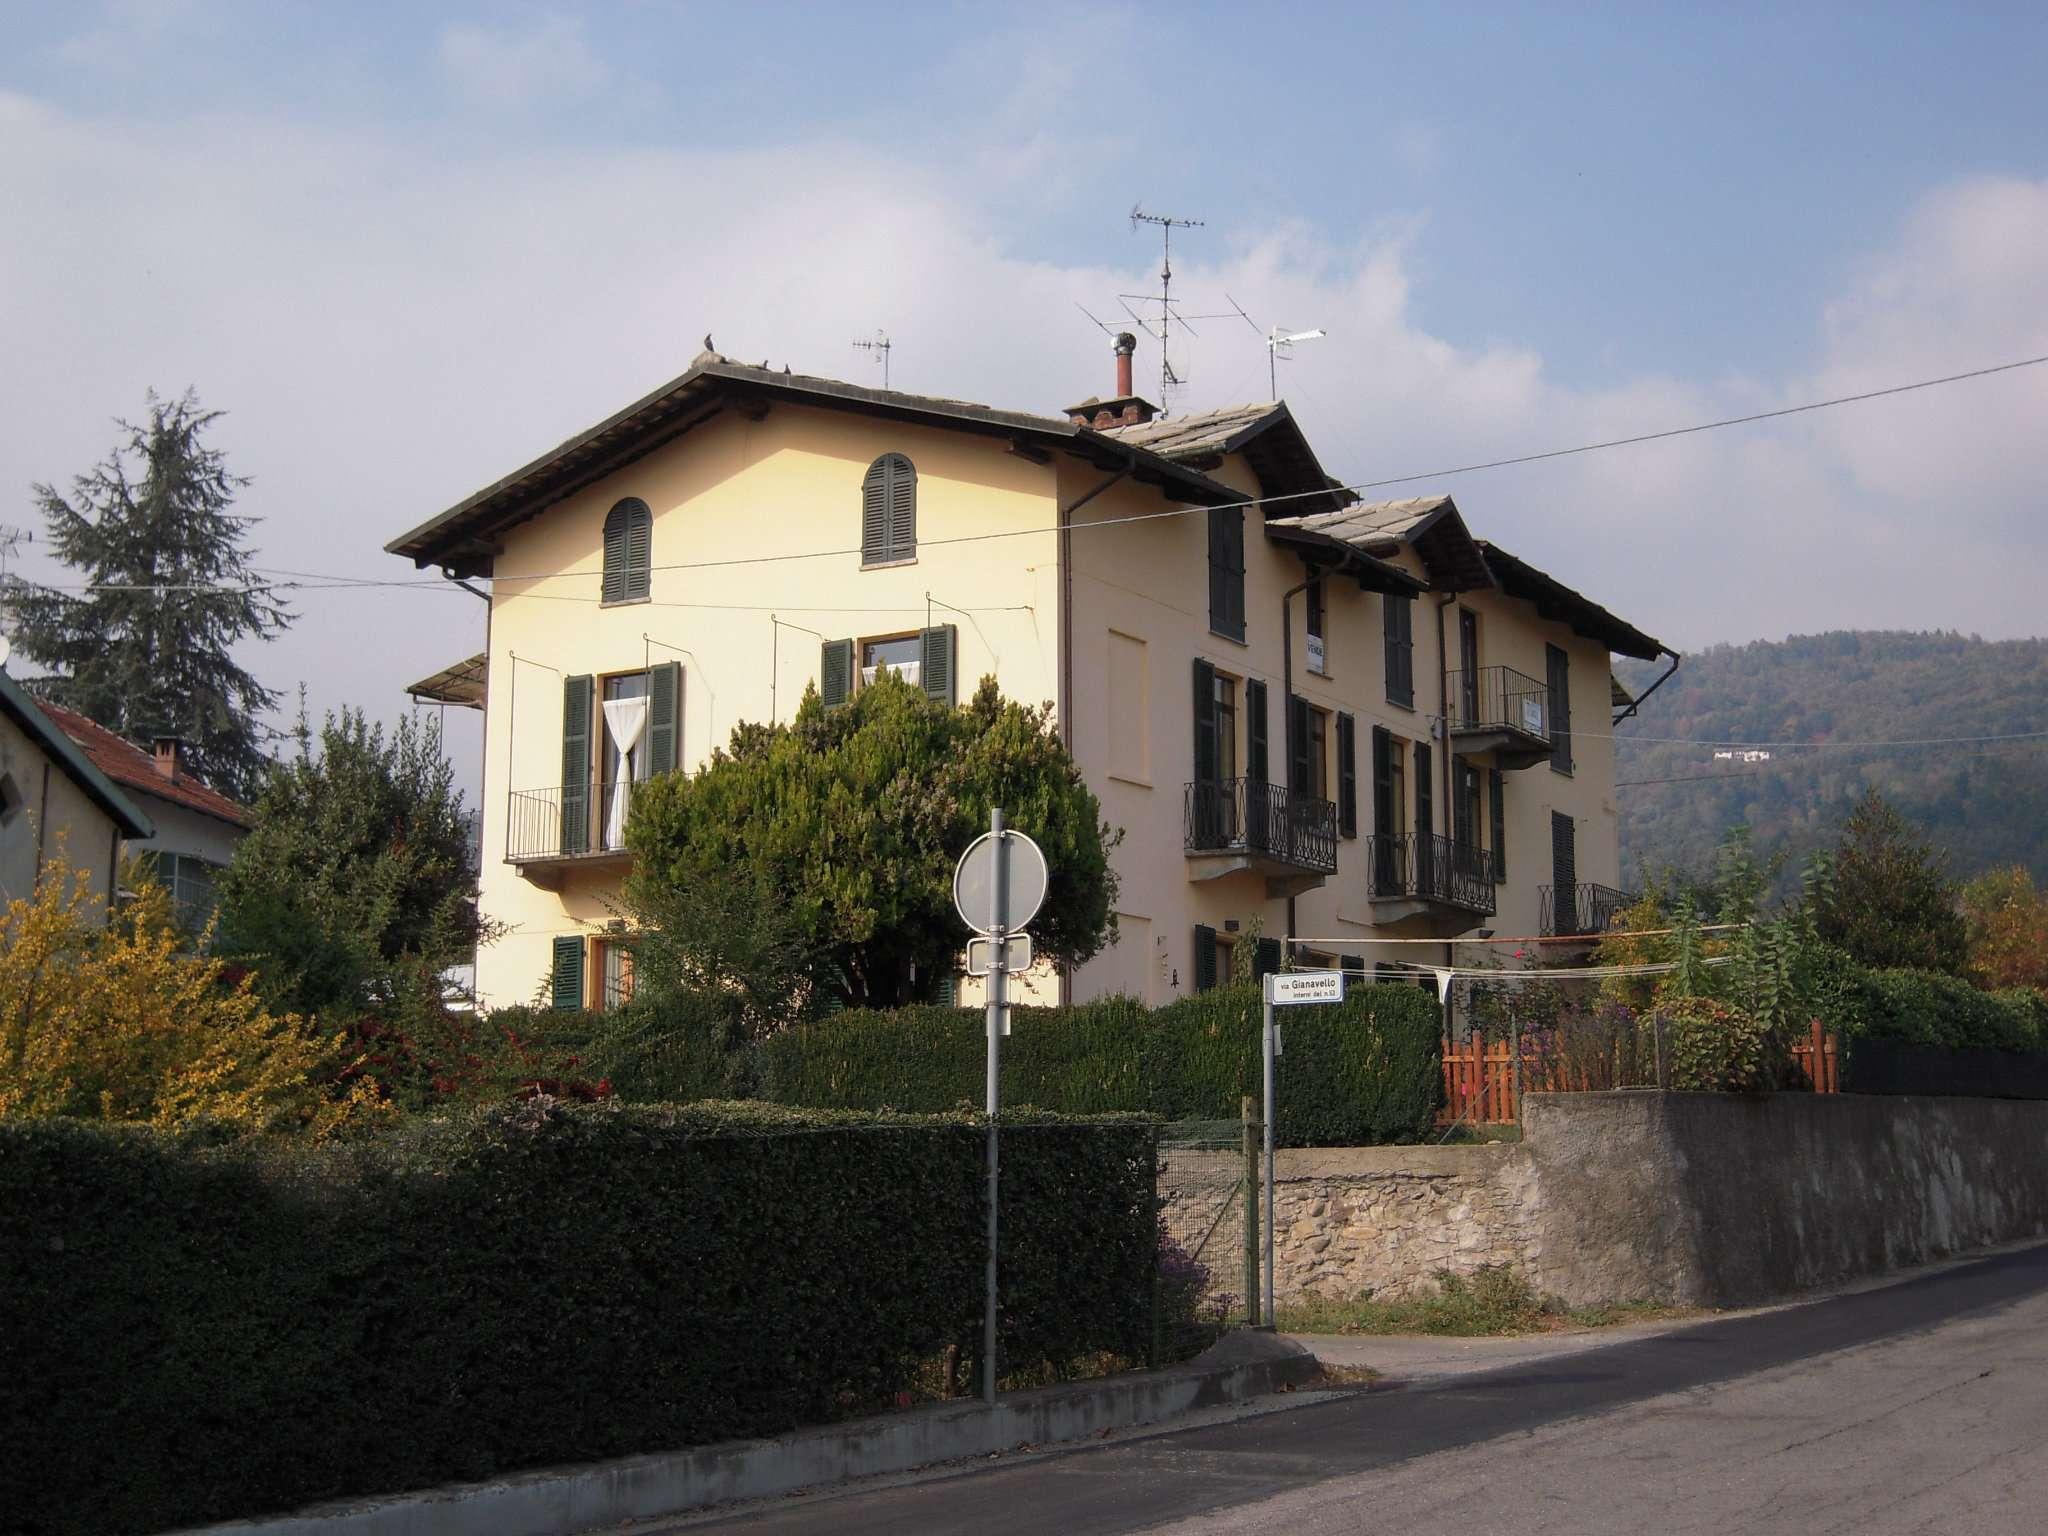 Appartamento in vendita a Luserna San Giovanni, 4 locali, Trattative riservate | CambioCasa.it